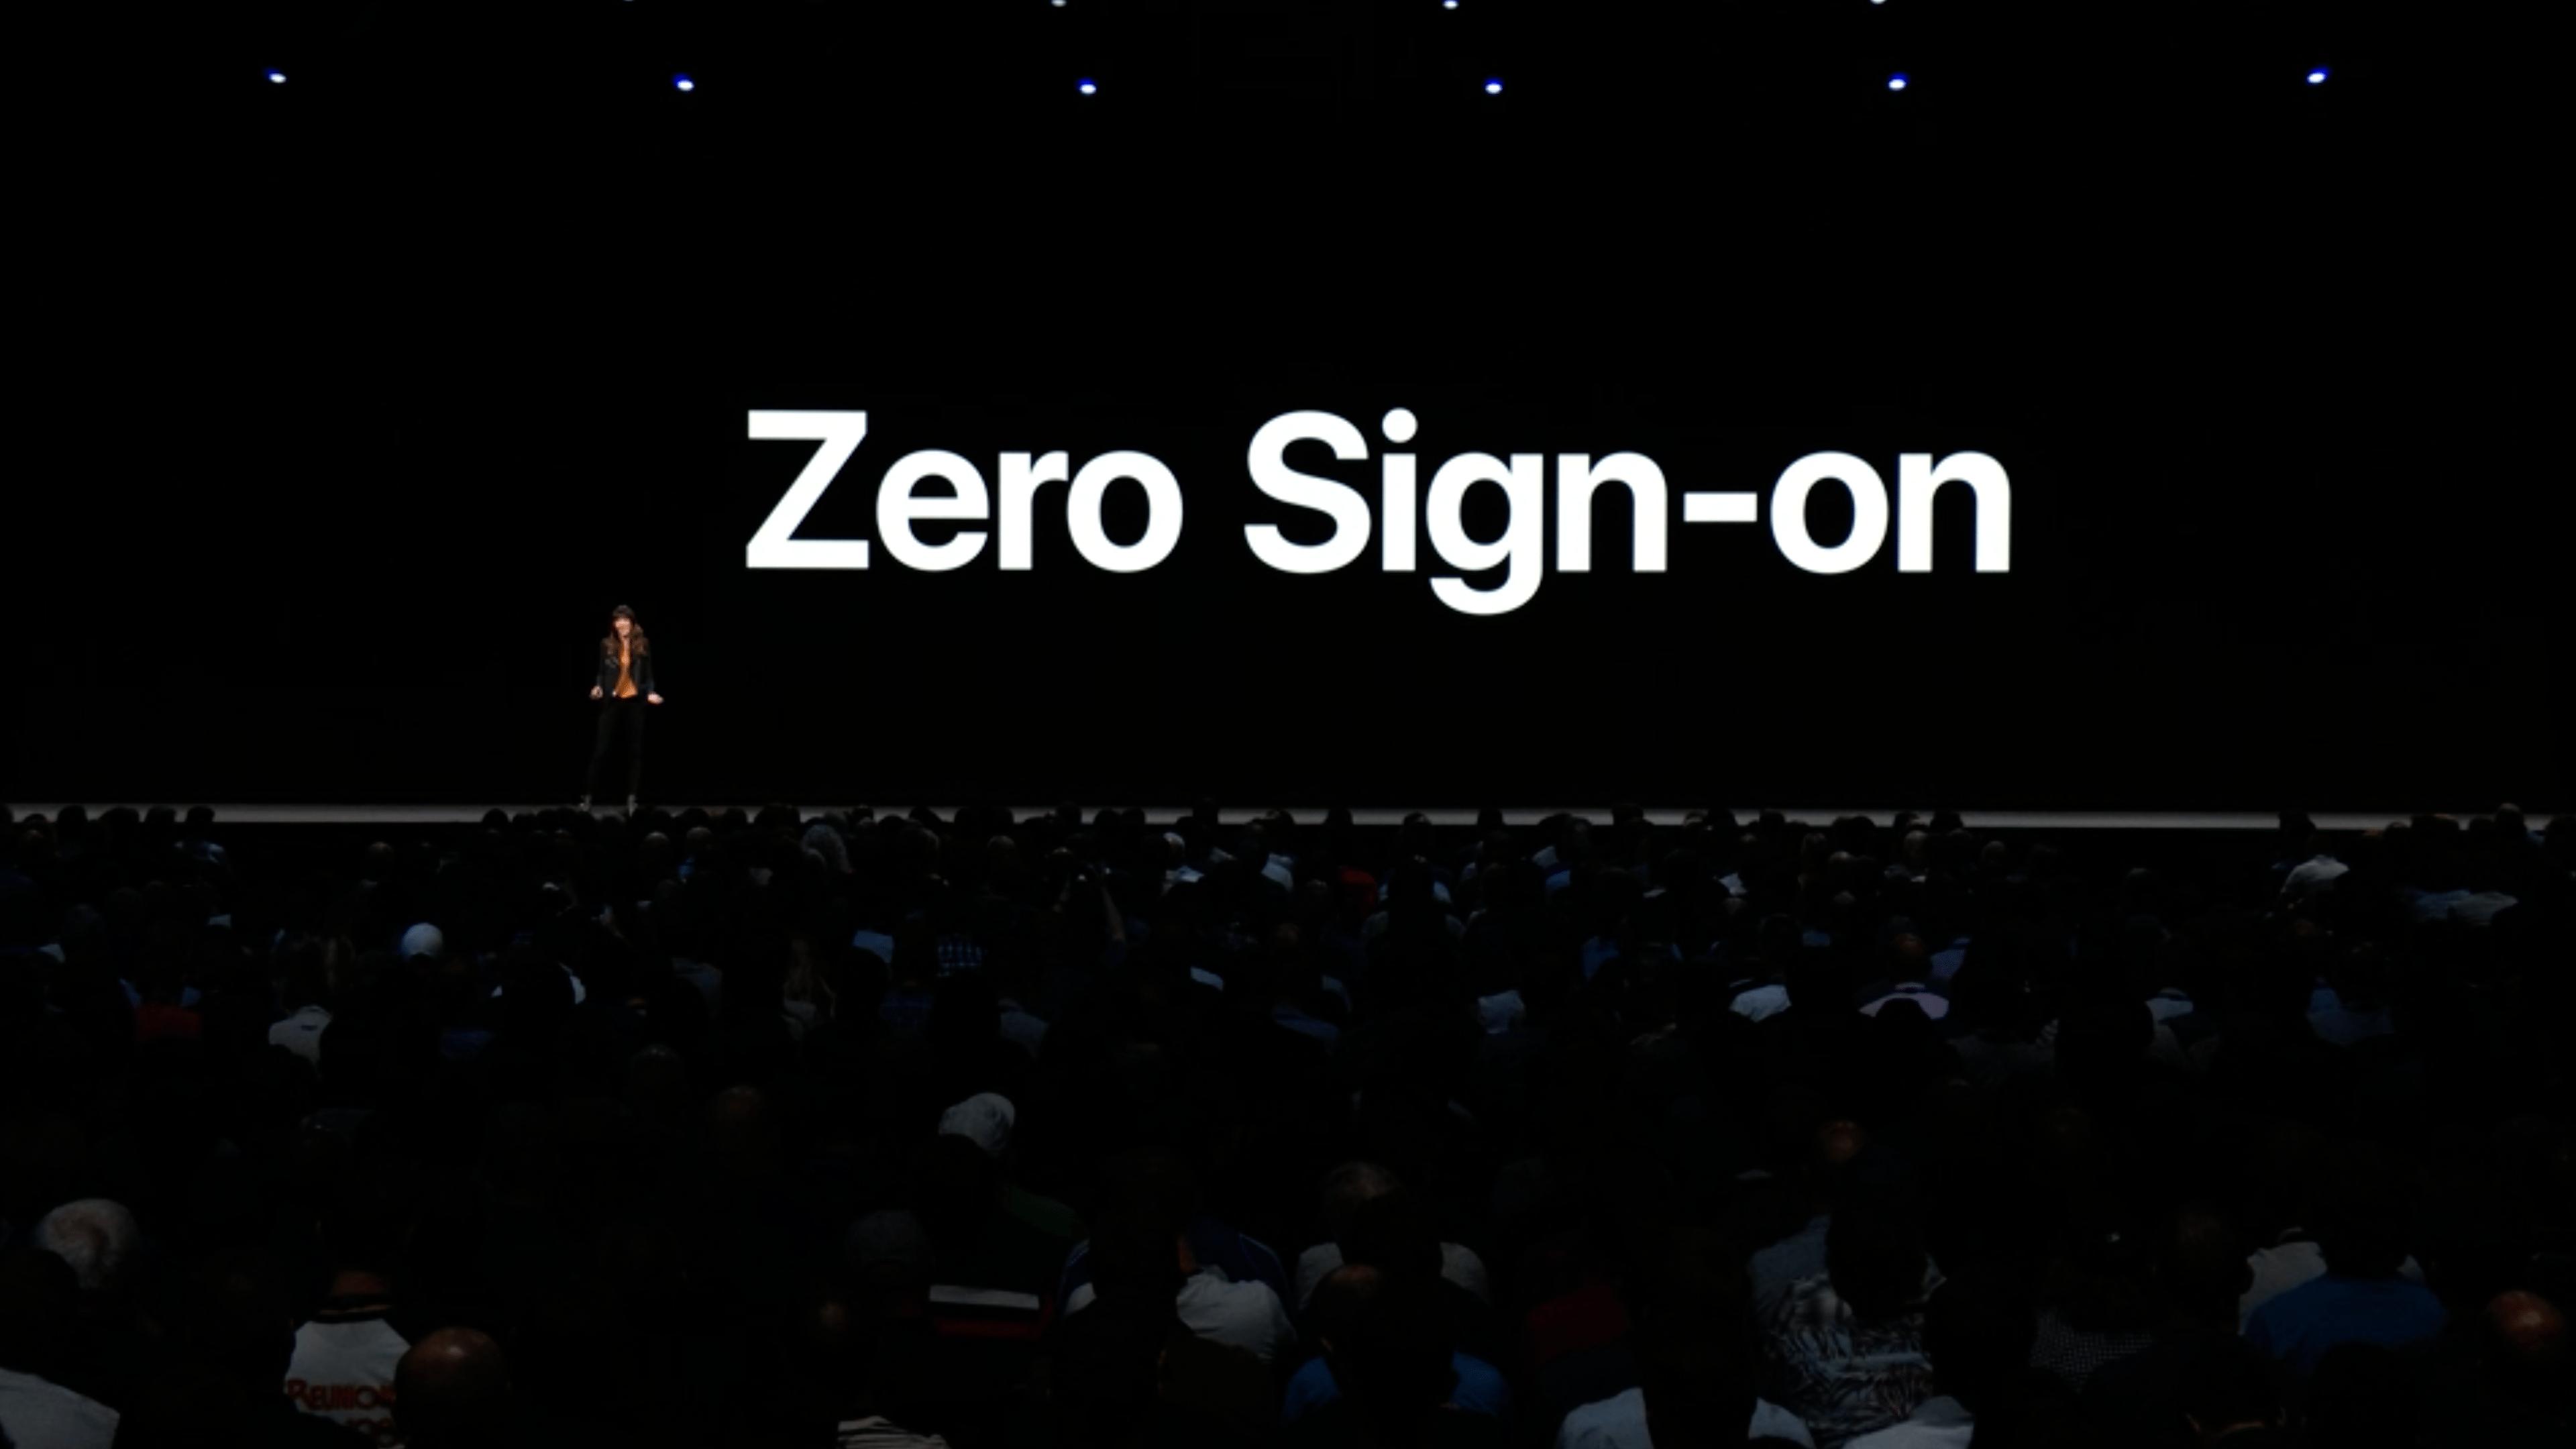 Zero Sign On